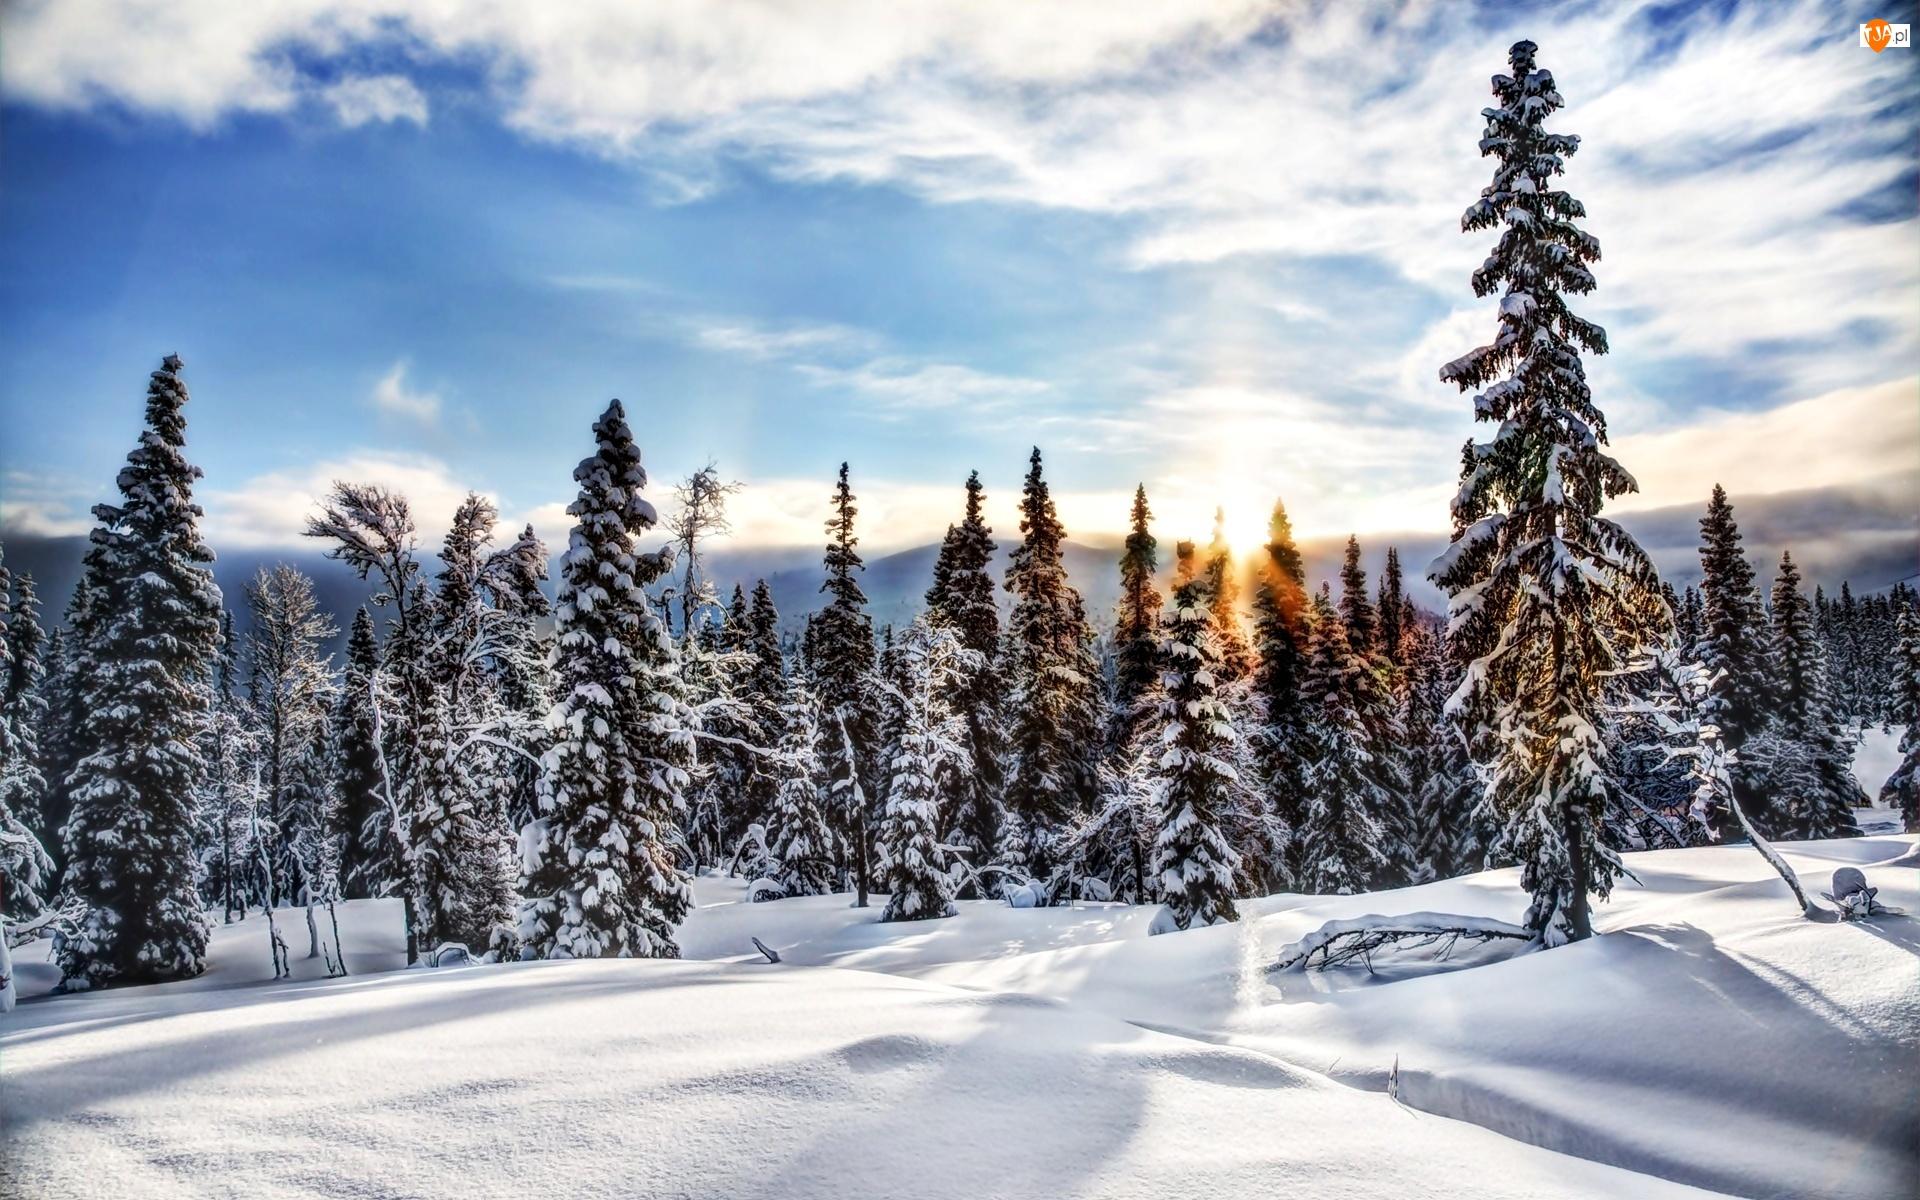 Świerki, Zima, Las, Śnieg, Słońce